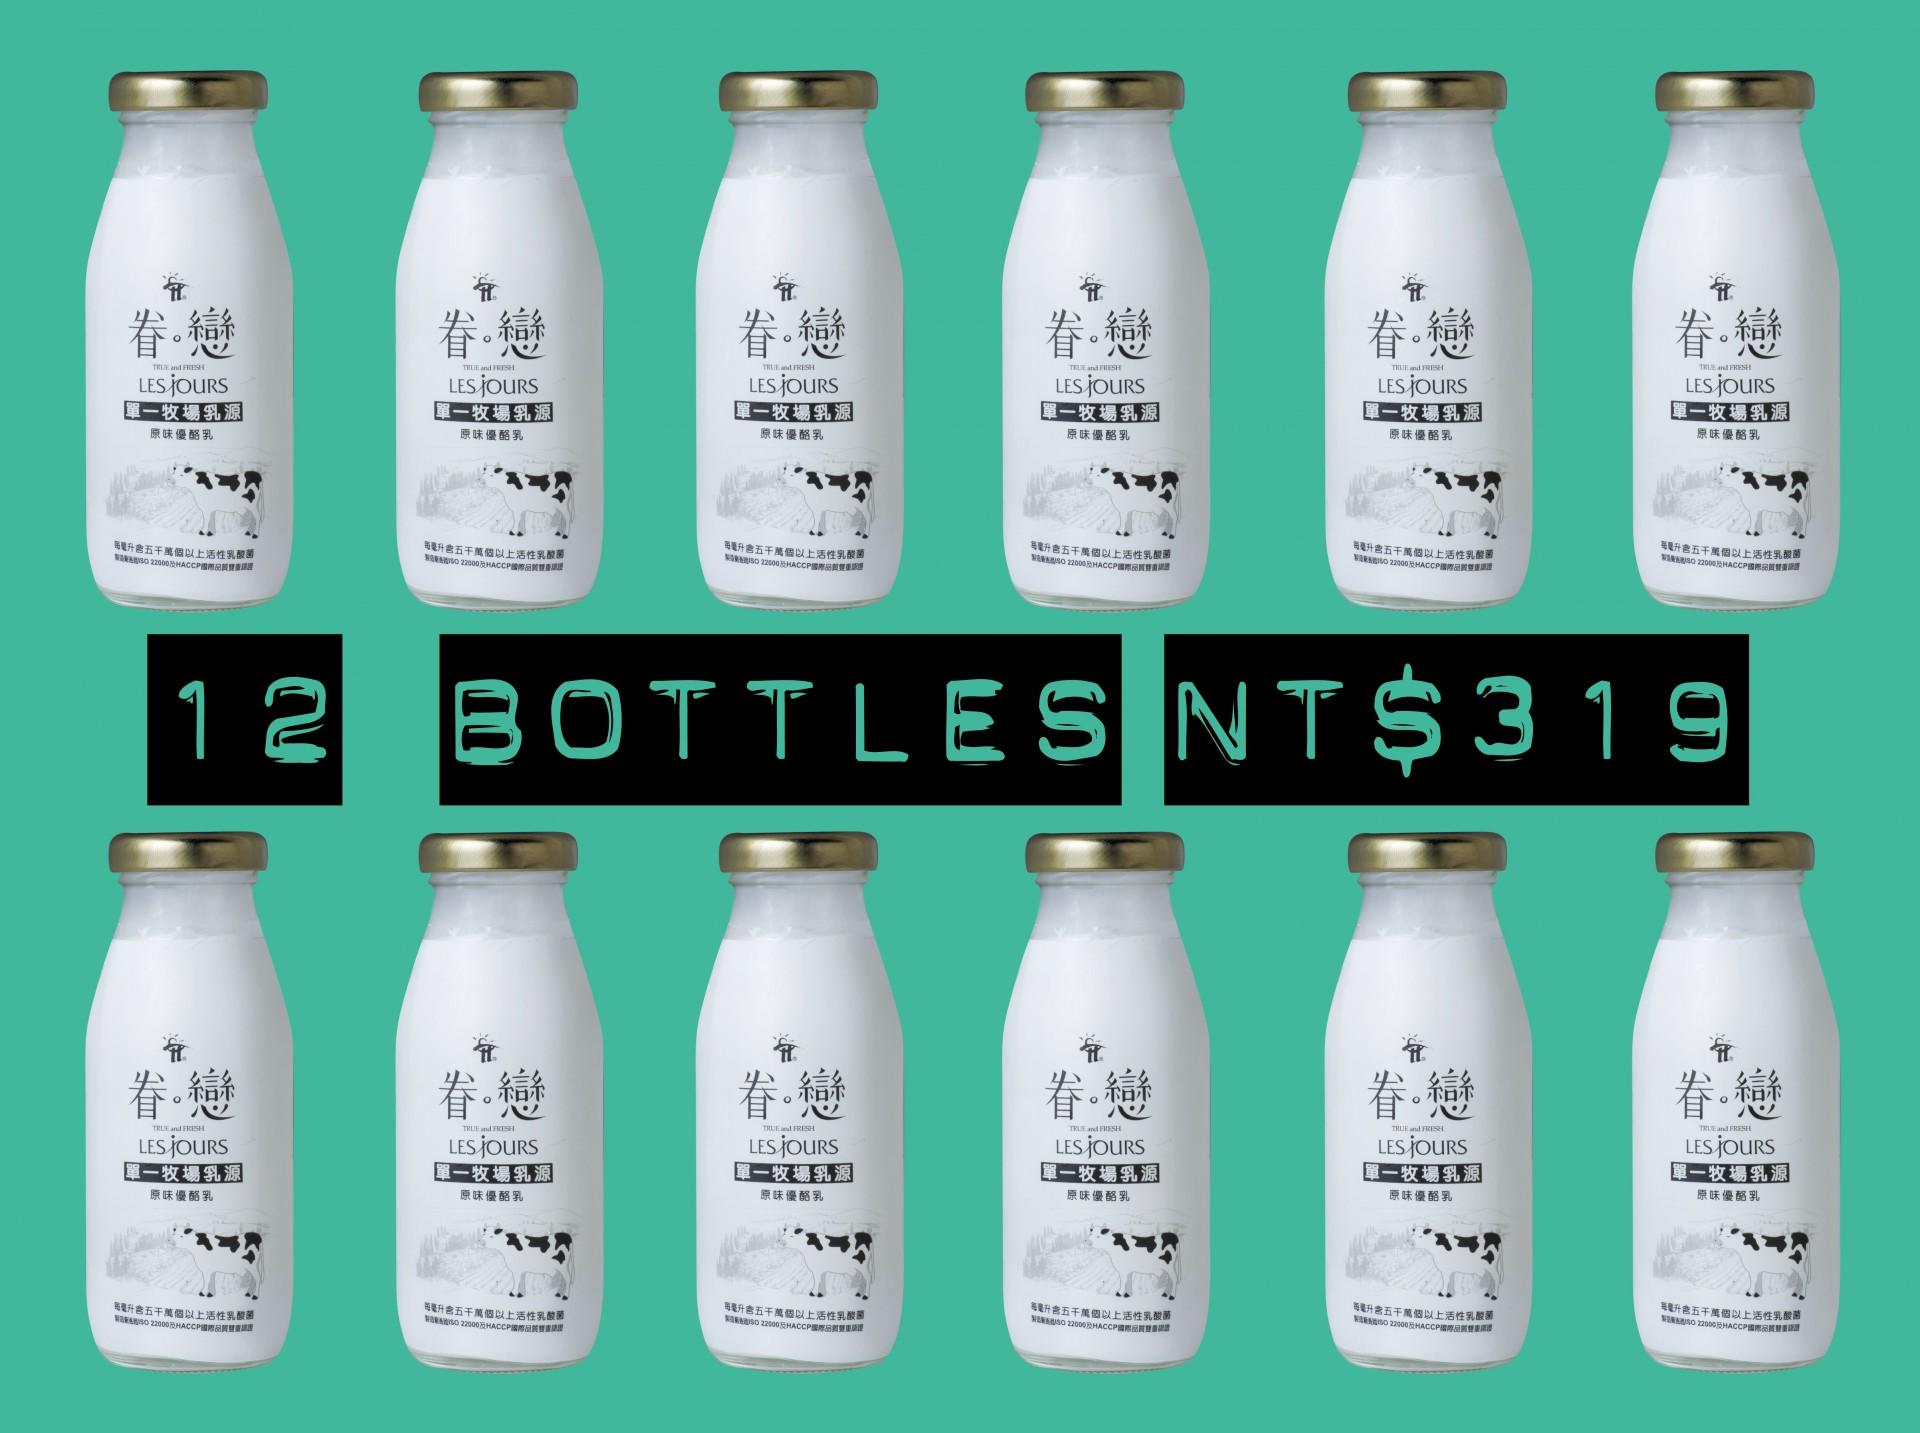 【搶便宜】Les Jours眷戀低糖原味優酪乳12瓶(180cc玻璃瓶)